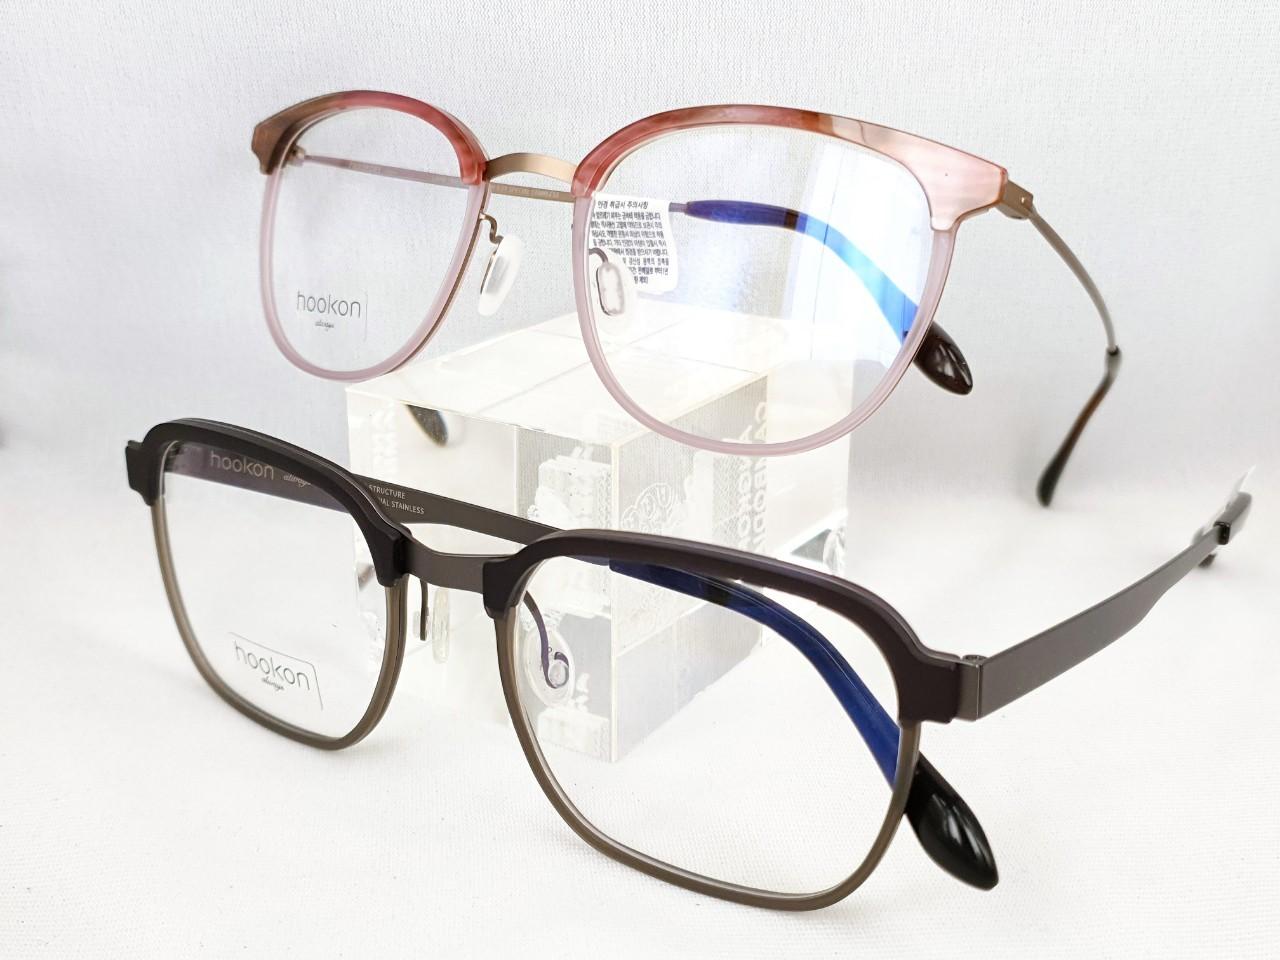 民視眼鏡品牌Hookon_200102_0005